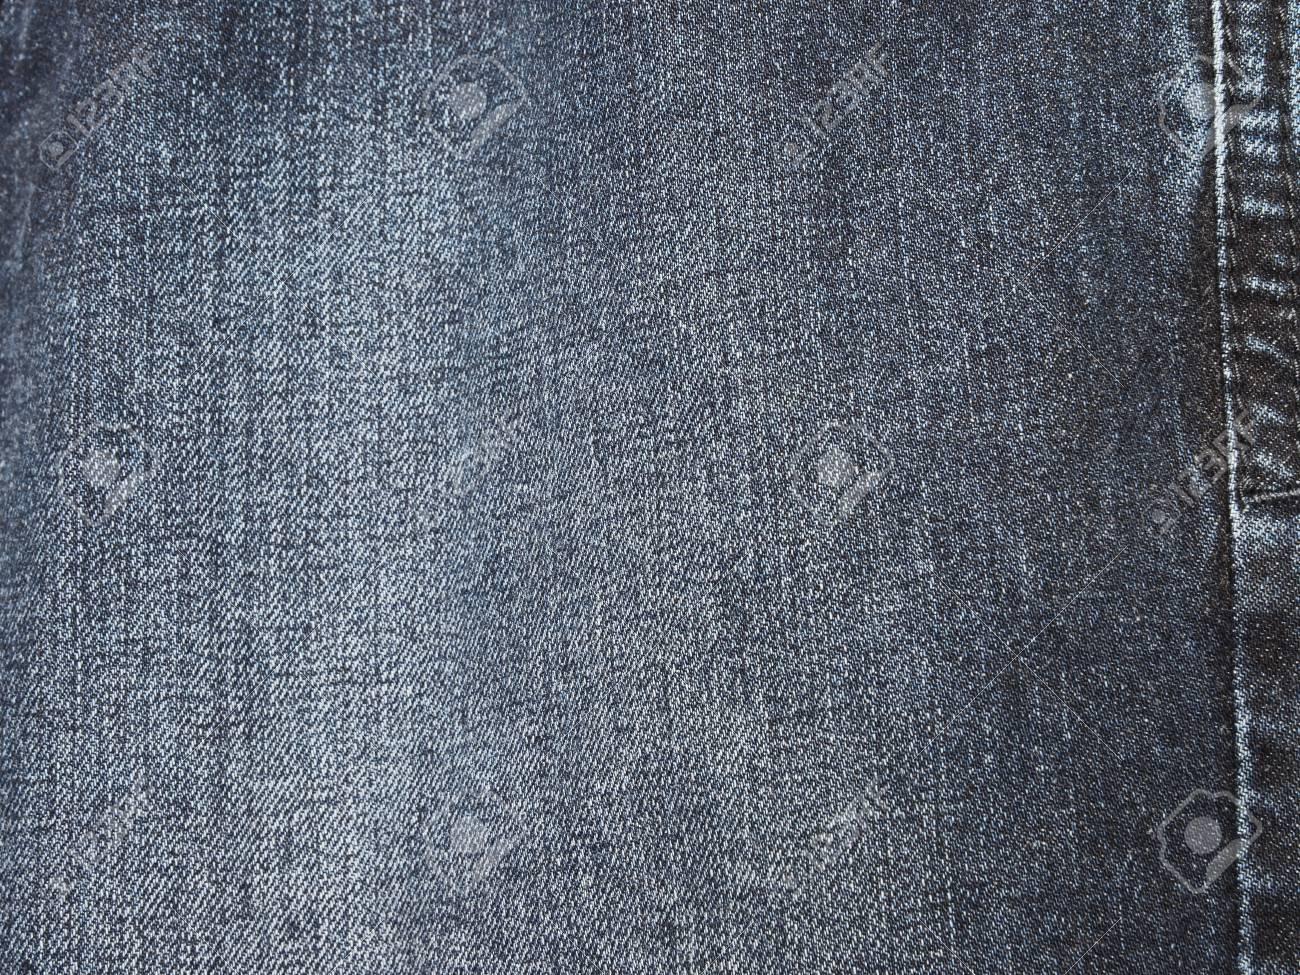 a5b42c6f8 Textura de mezclilla con espacio vacío para copiar